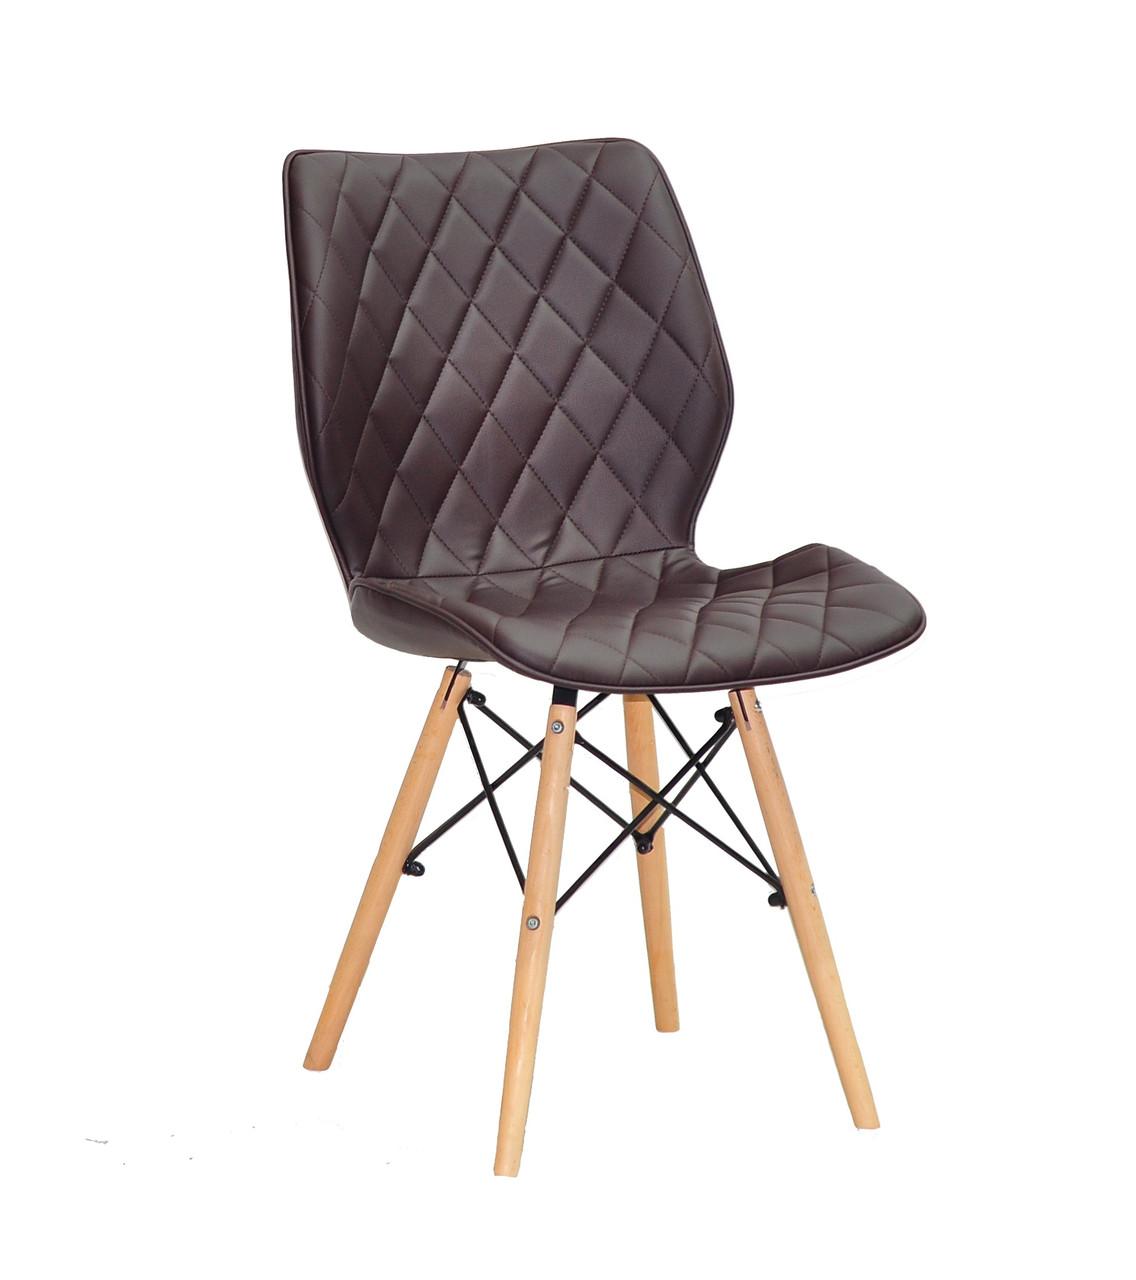 Мягкий стул на деревянных ножках Nolan коричневый для гостиных, кафе